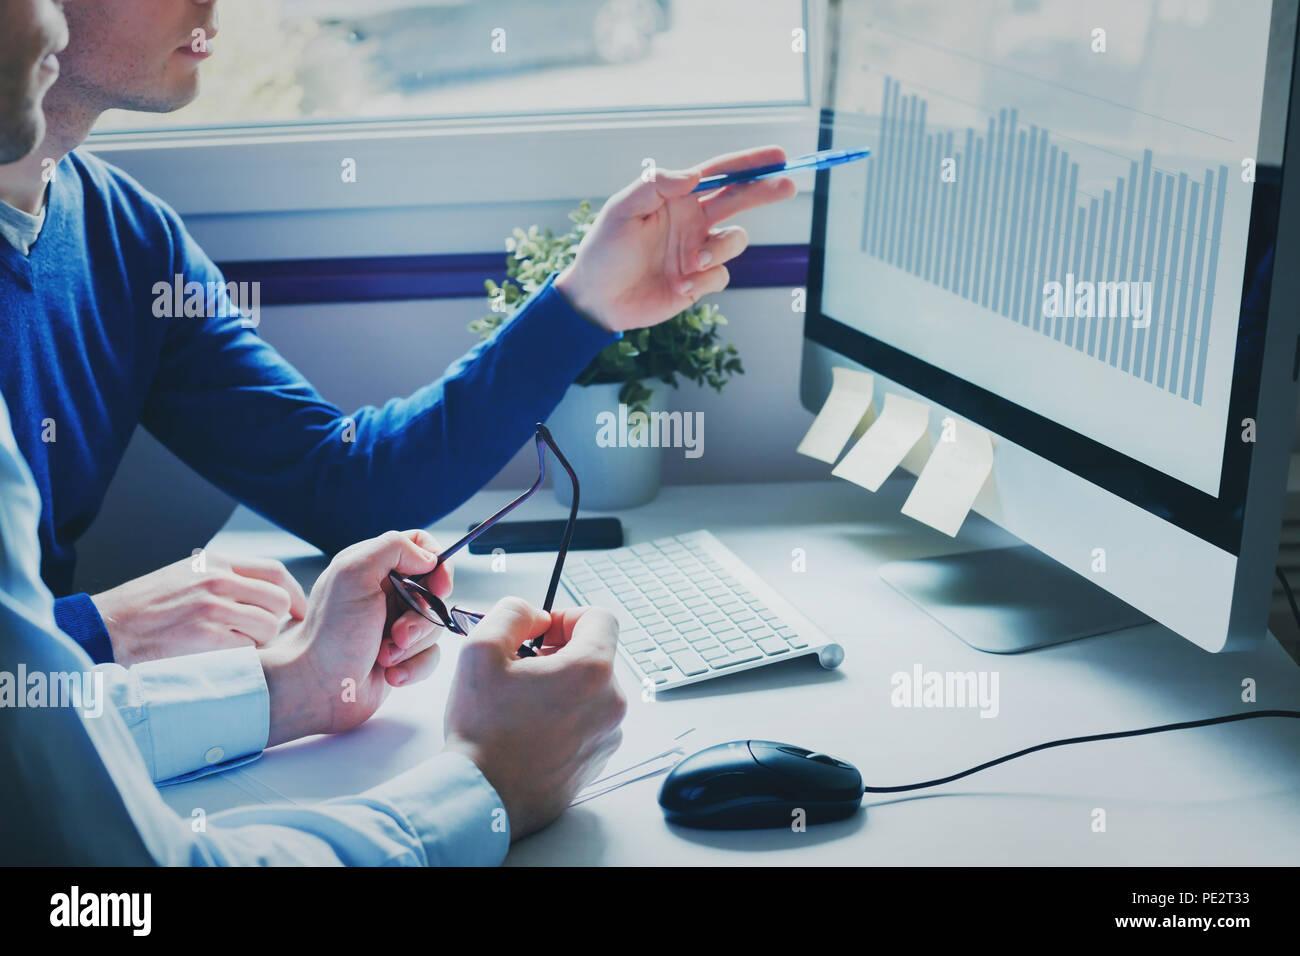 Un gruppo di giovani uomini di affari che colleghi cercando insieme al computer, il team di lavoro sul nuovo progetto di avvio in un ufficio moderno, il concetto di brainstorming Immagini Stock